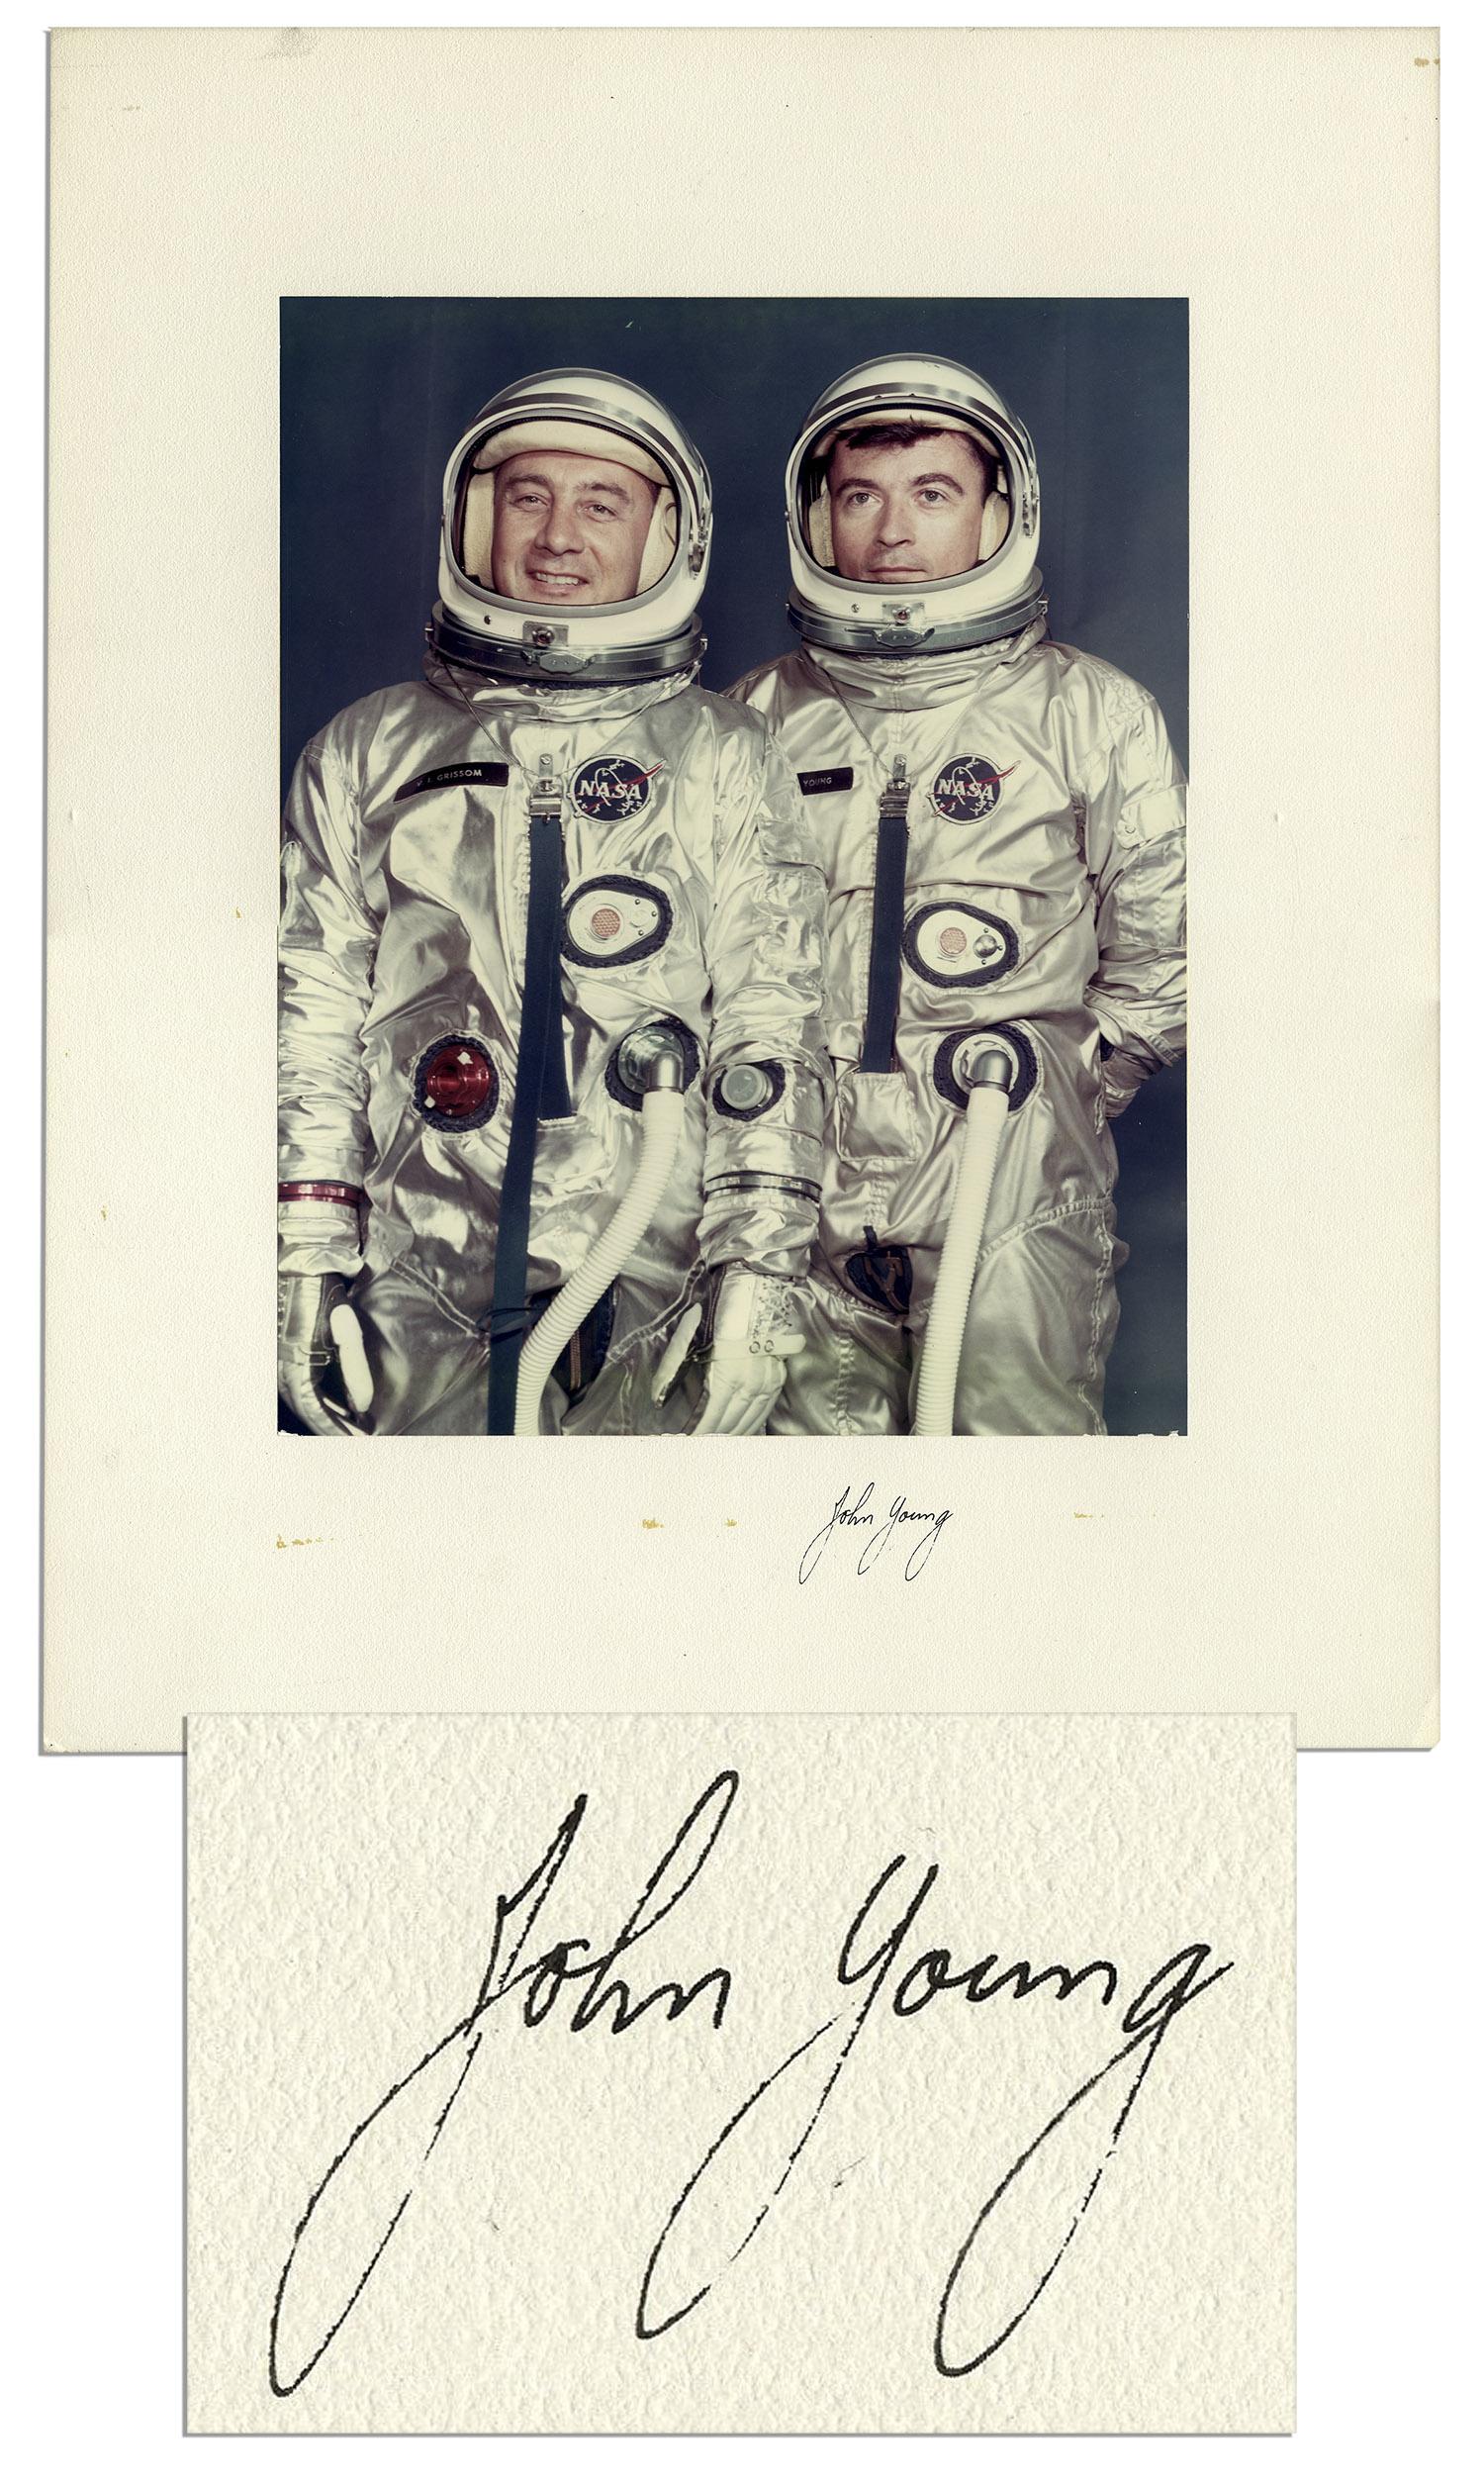 john young astronaut autograph -#main